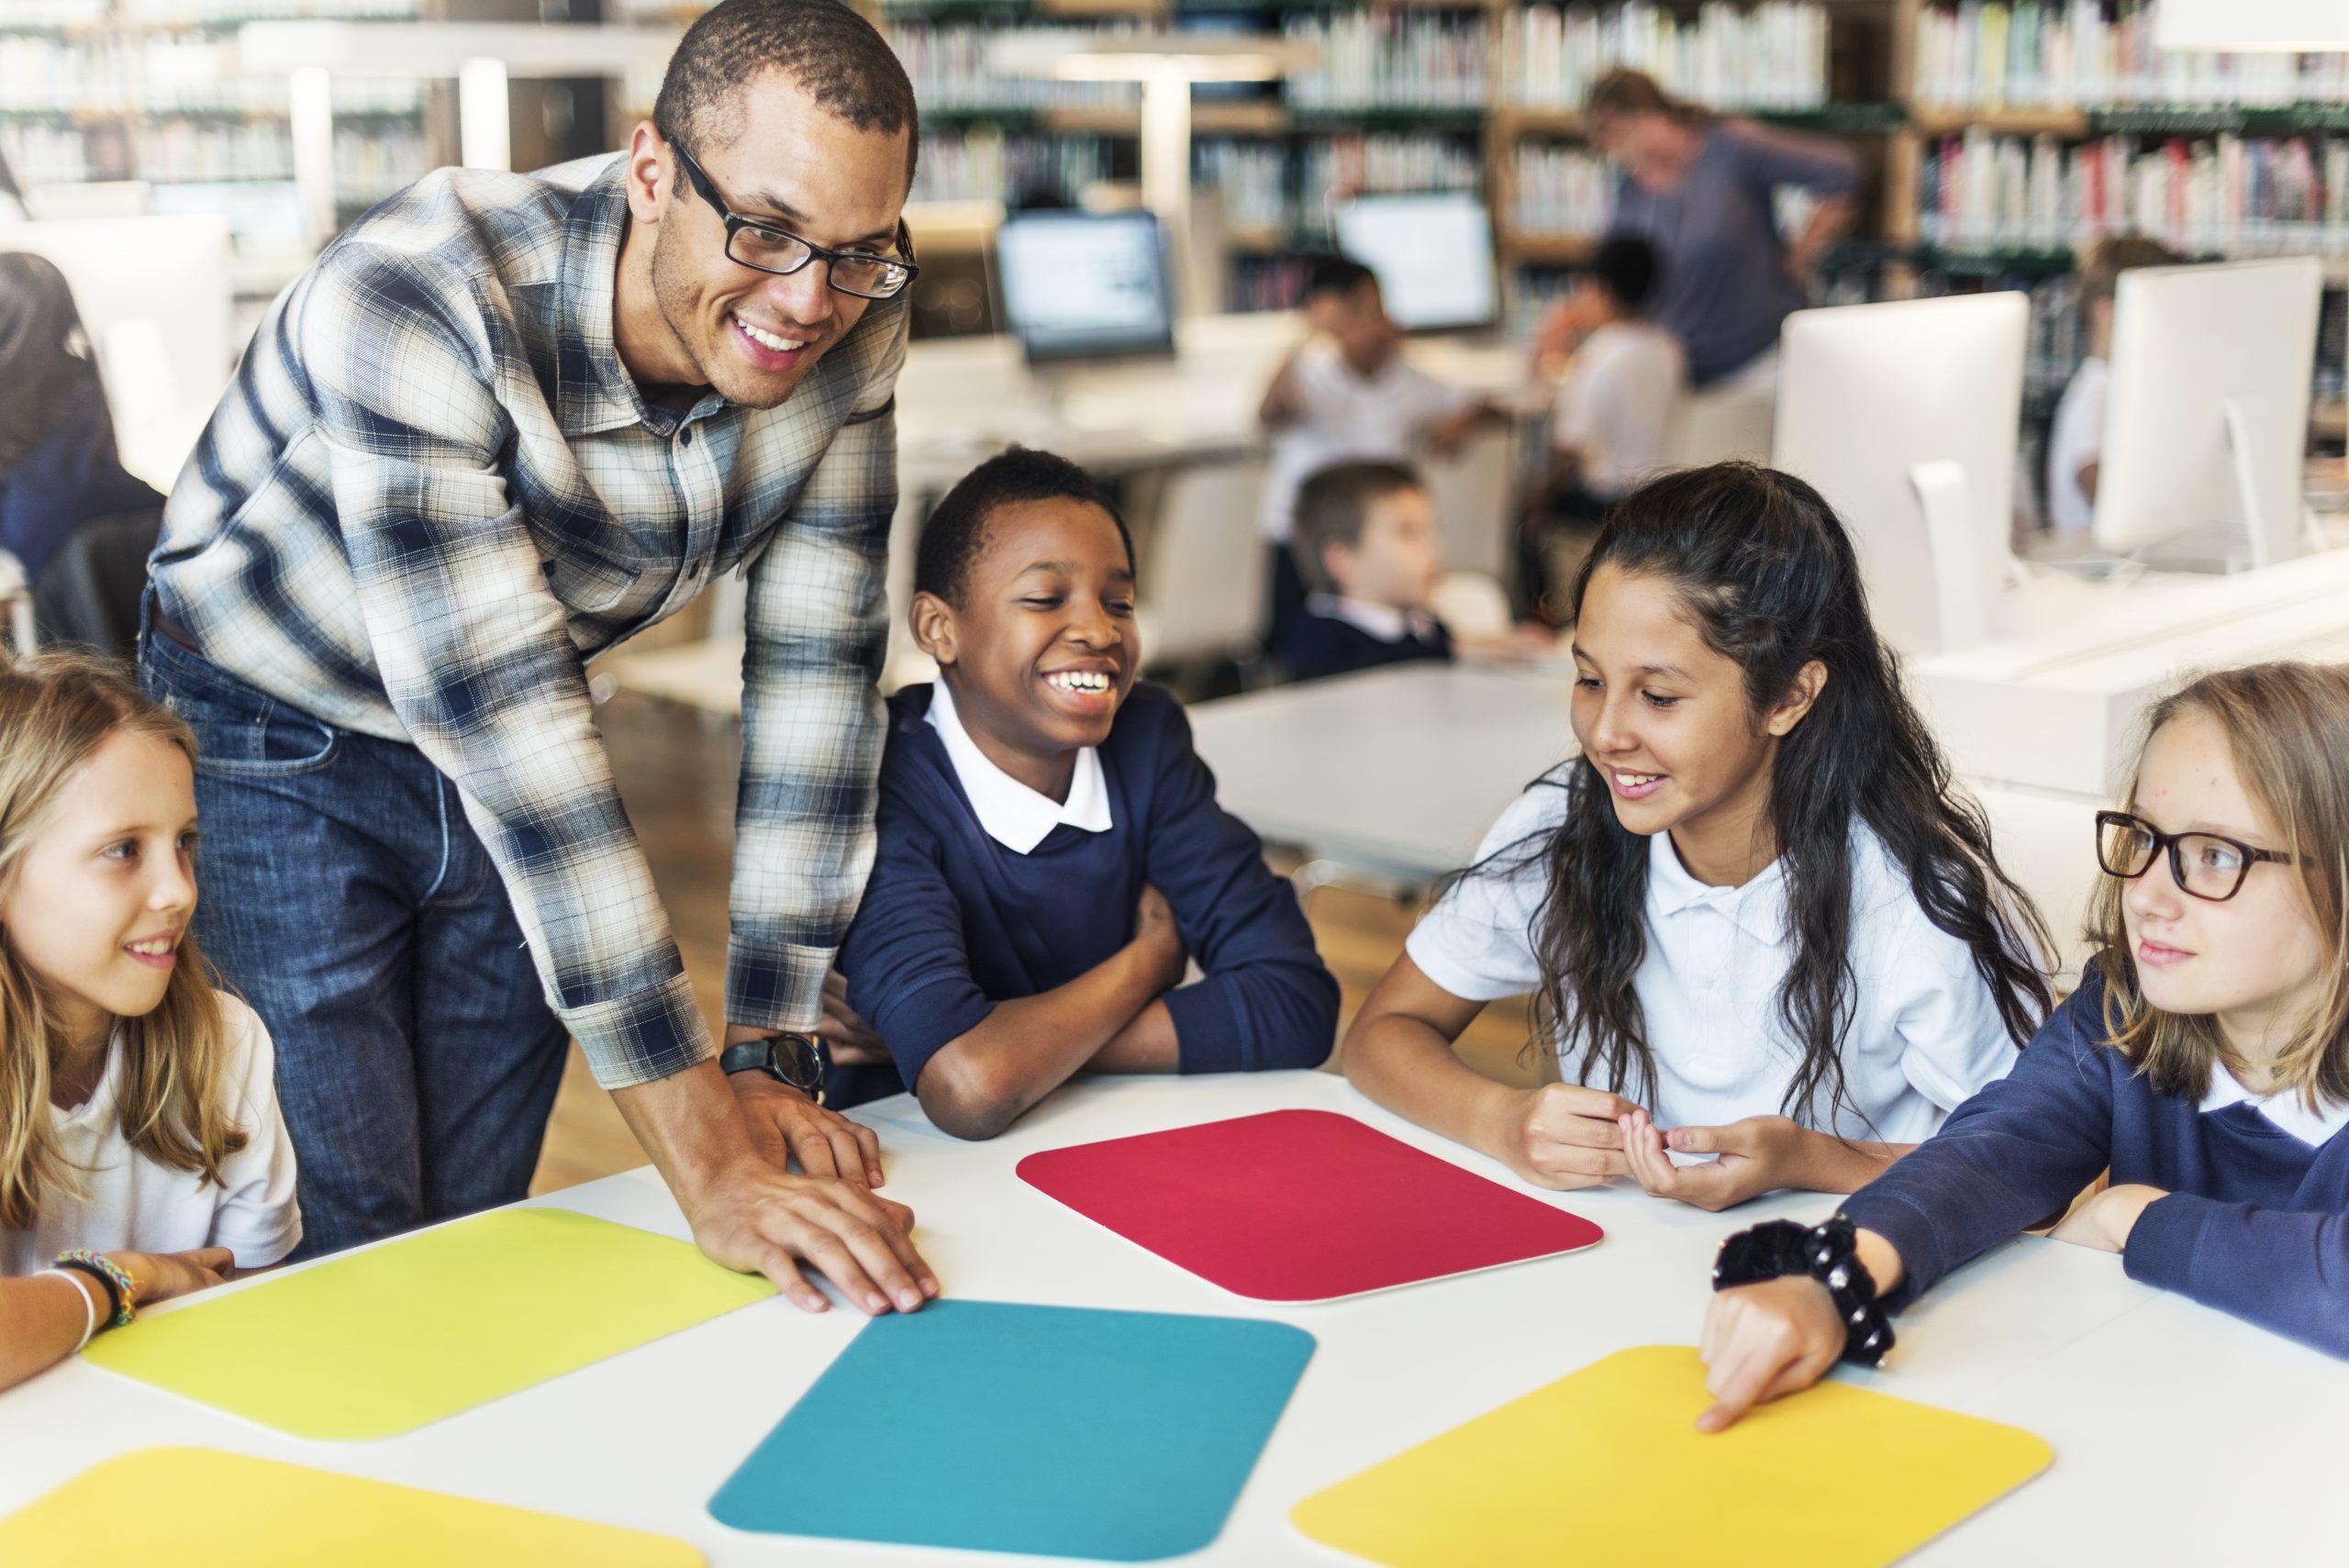 Cultura Maker & Aprendizagem Criativa: 8 Características de um Professor Maker do Século XXI